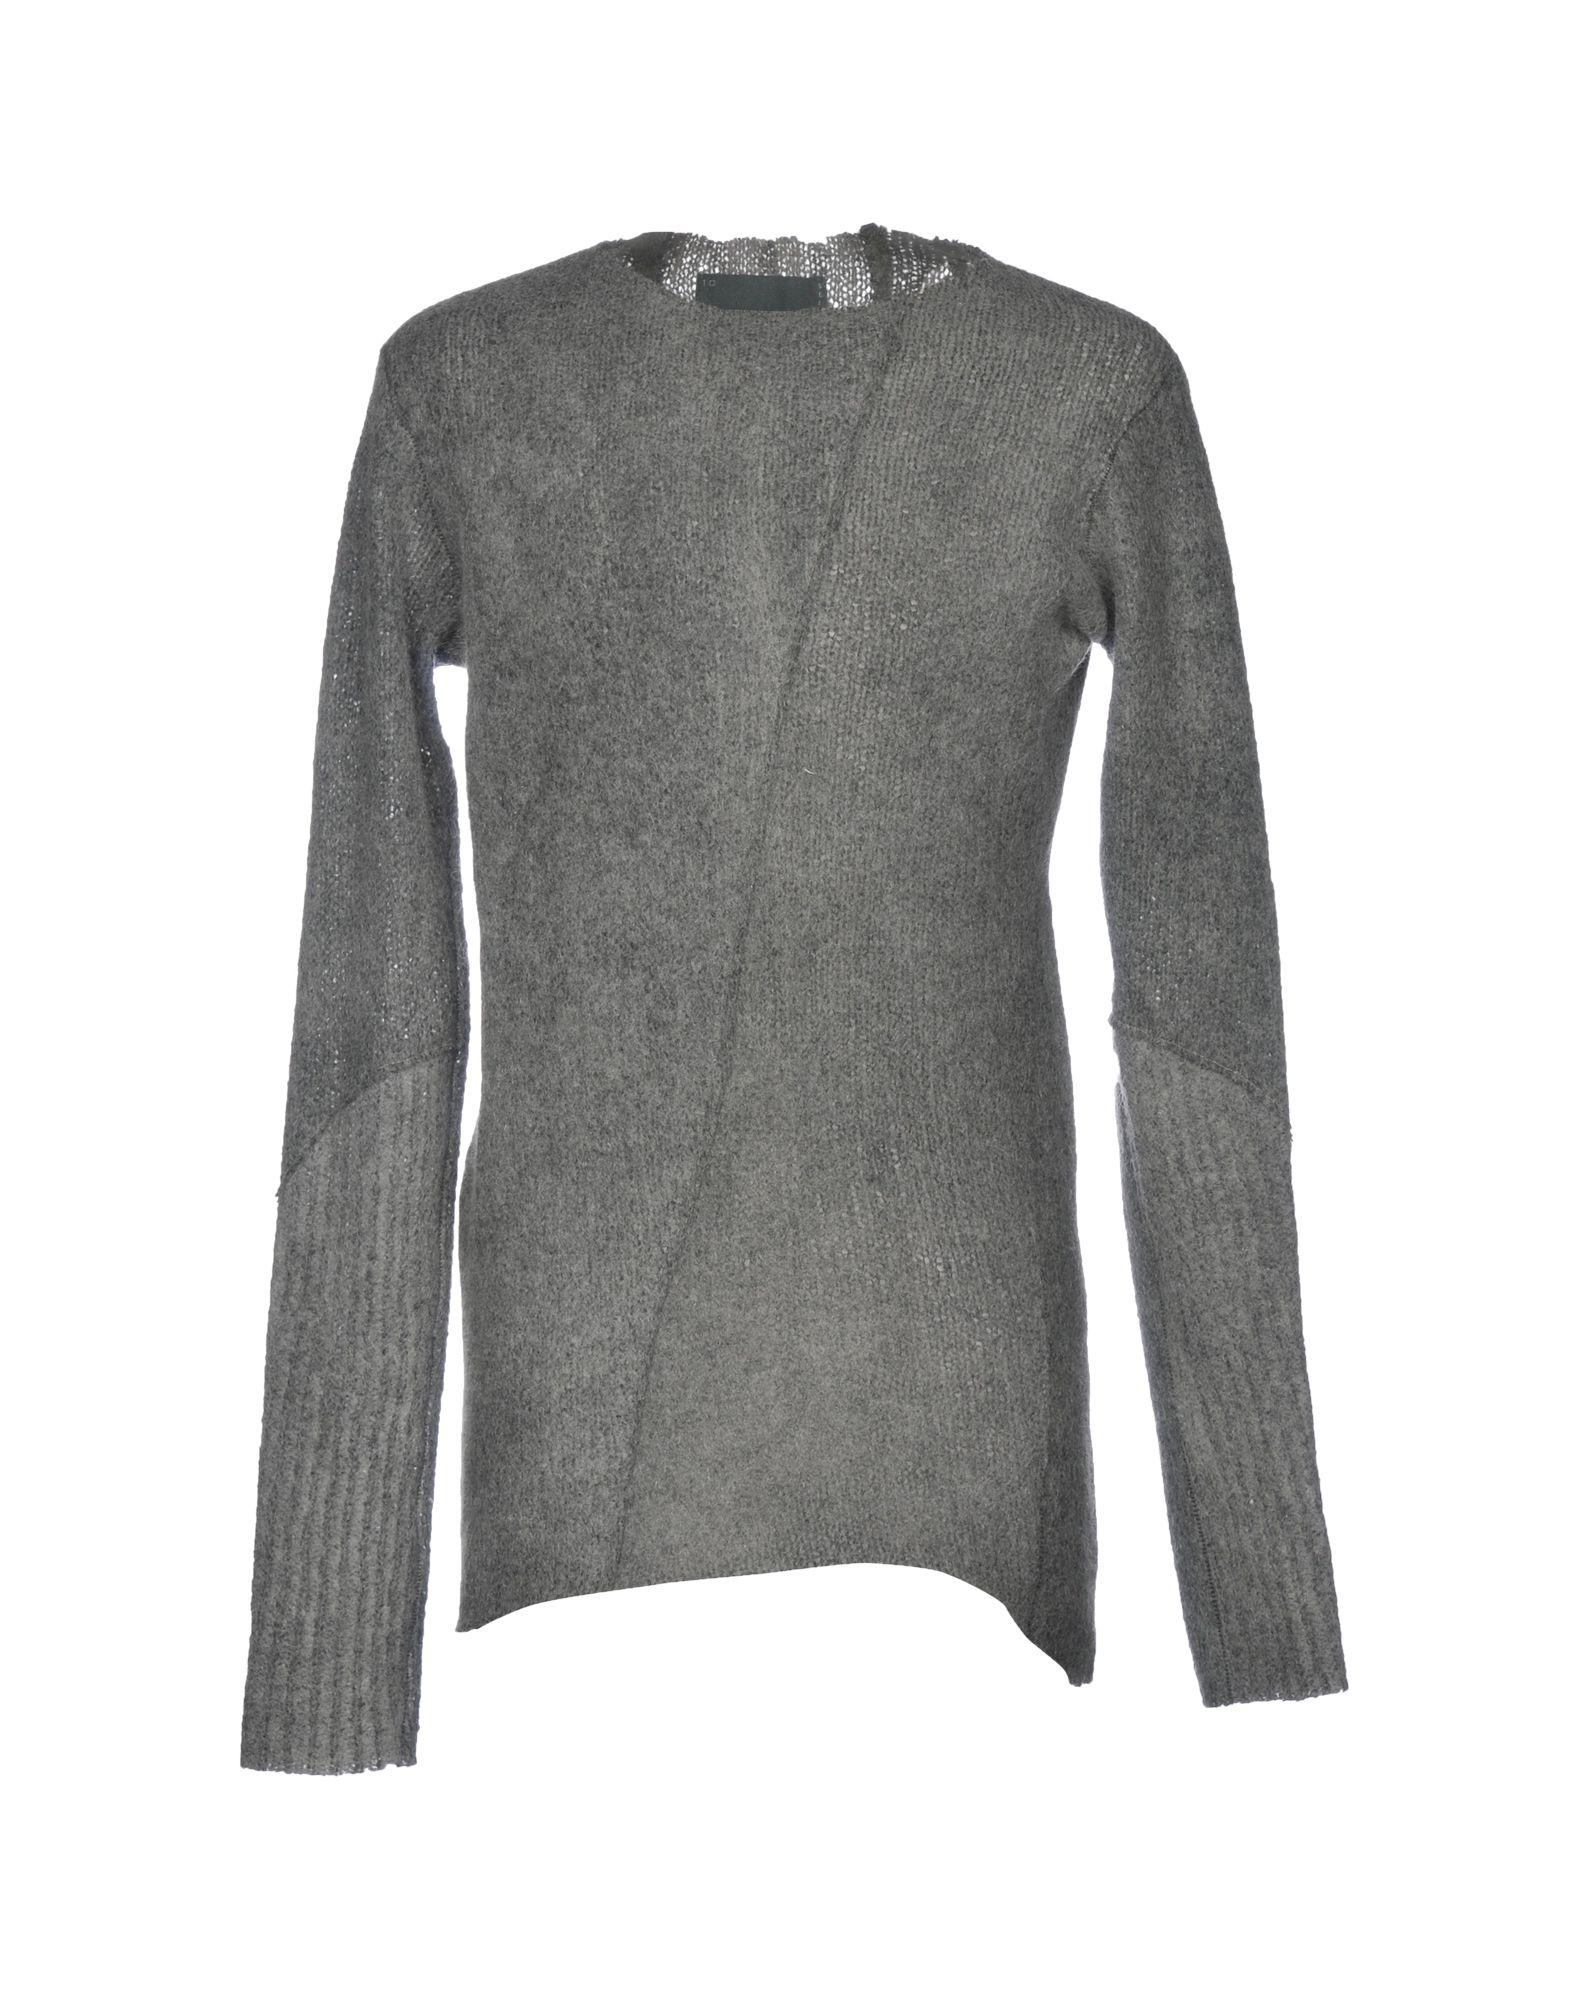 10SEI0OTTO Cashmere Blend in Grey